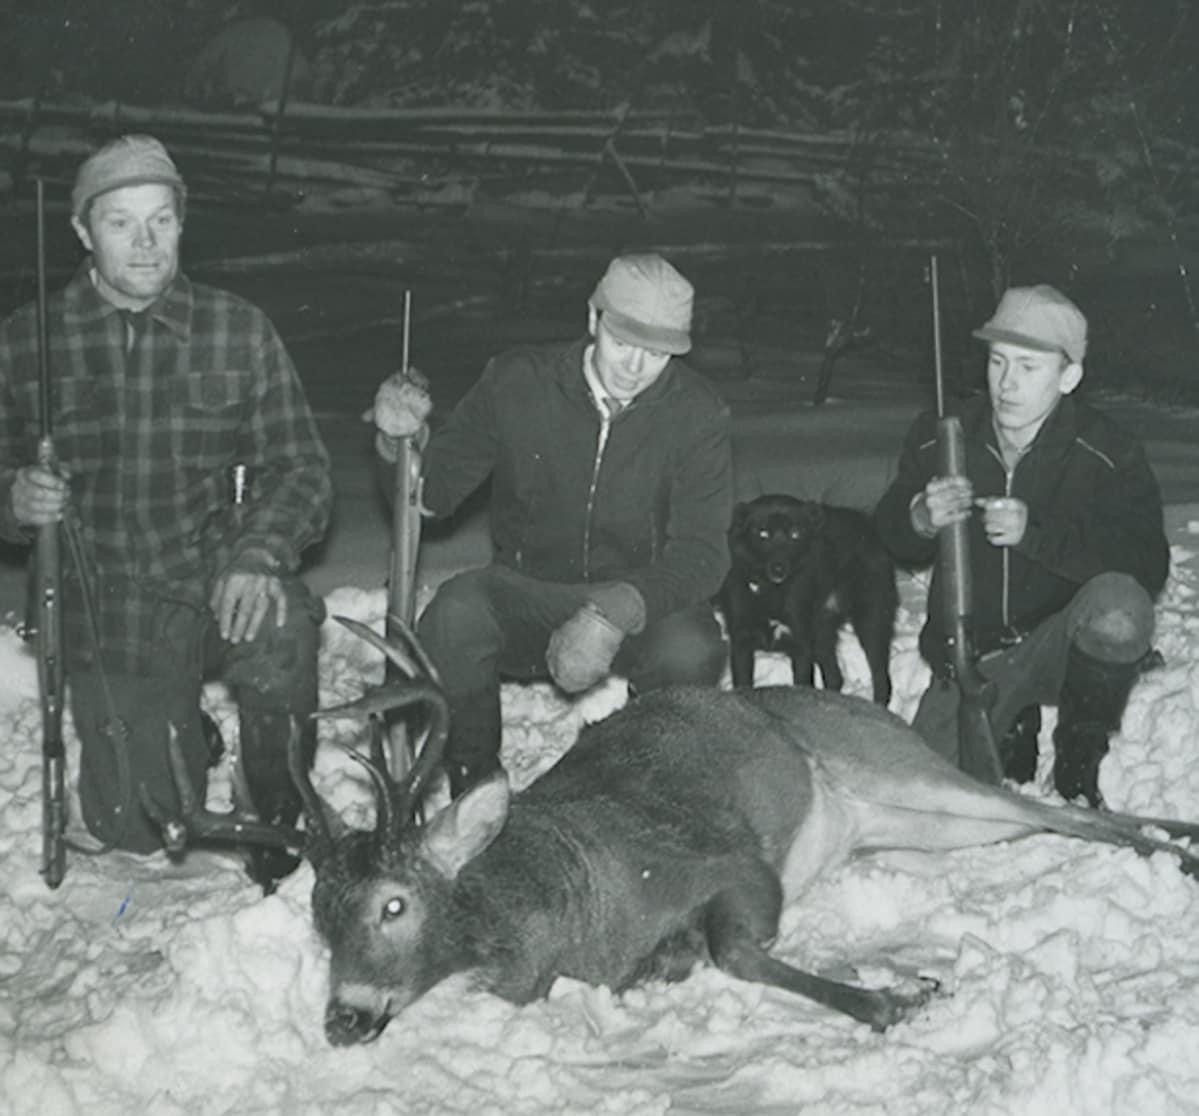 Ensimmäinen valkohäntäpeuran kaato Suomessa 24.11.1960